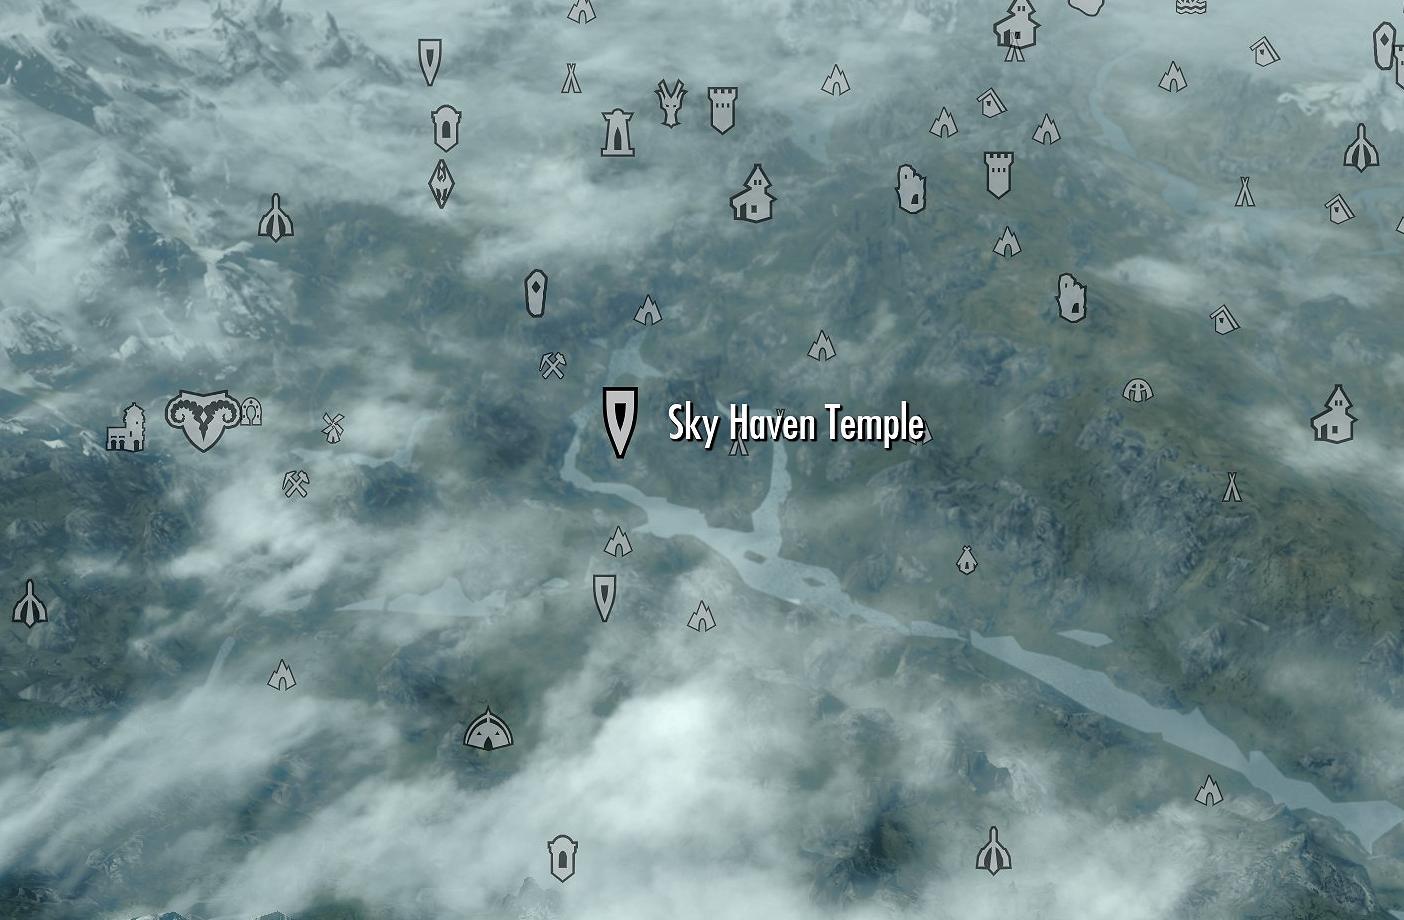 Где находиться небесная гавань